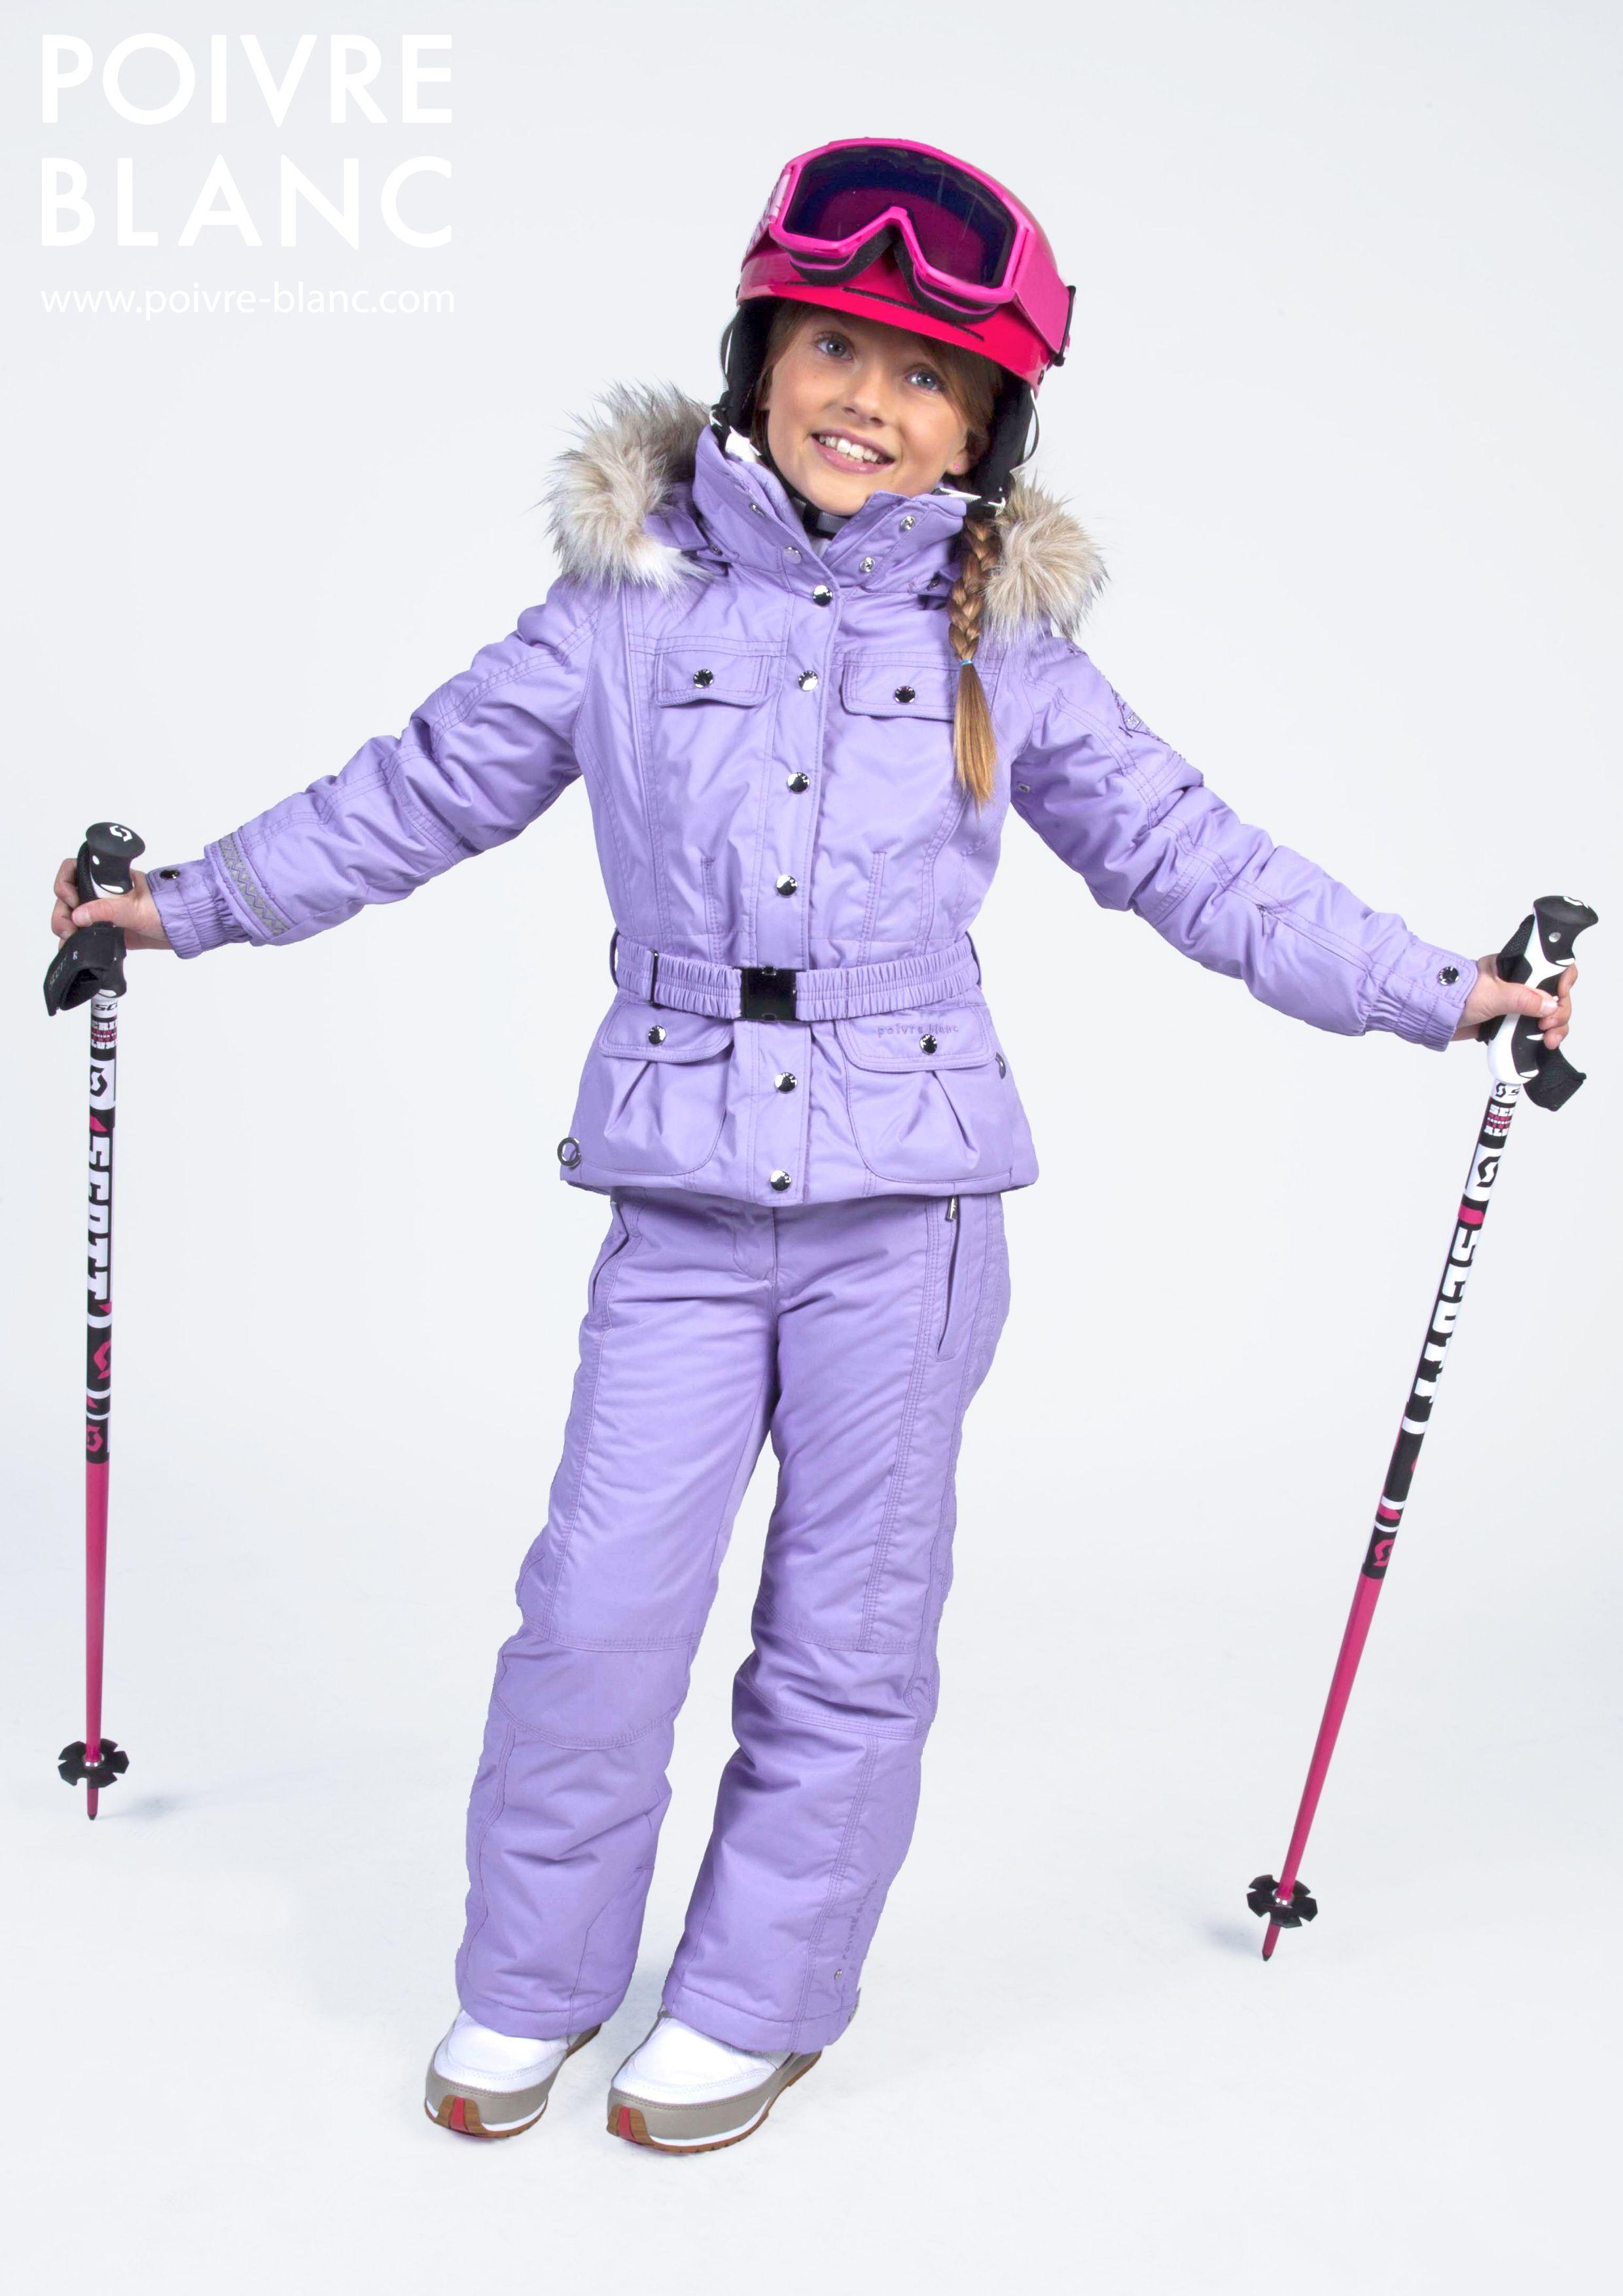 poivre blanc junior girl hiver 2012 13 veste ski junior fille pantalon ski junior fille. Black Bedroom Furniture Sets. Home Design Ideas